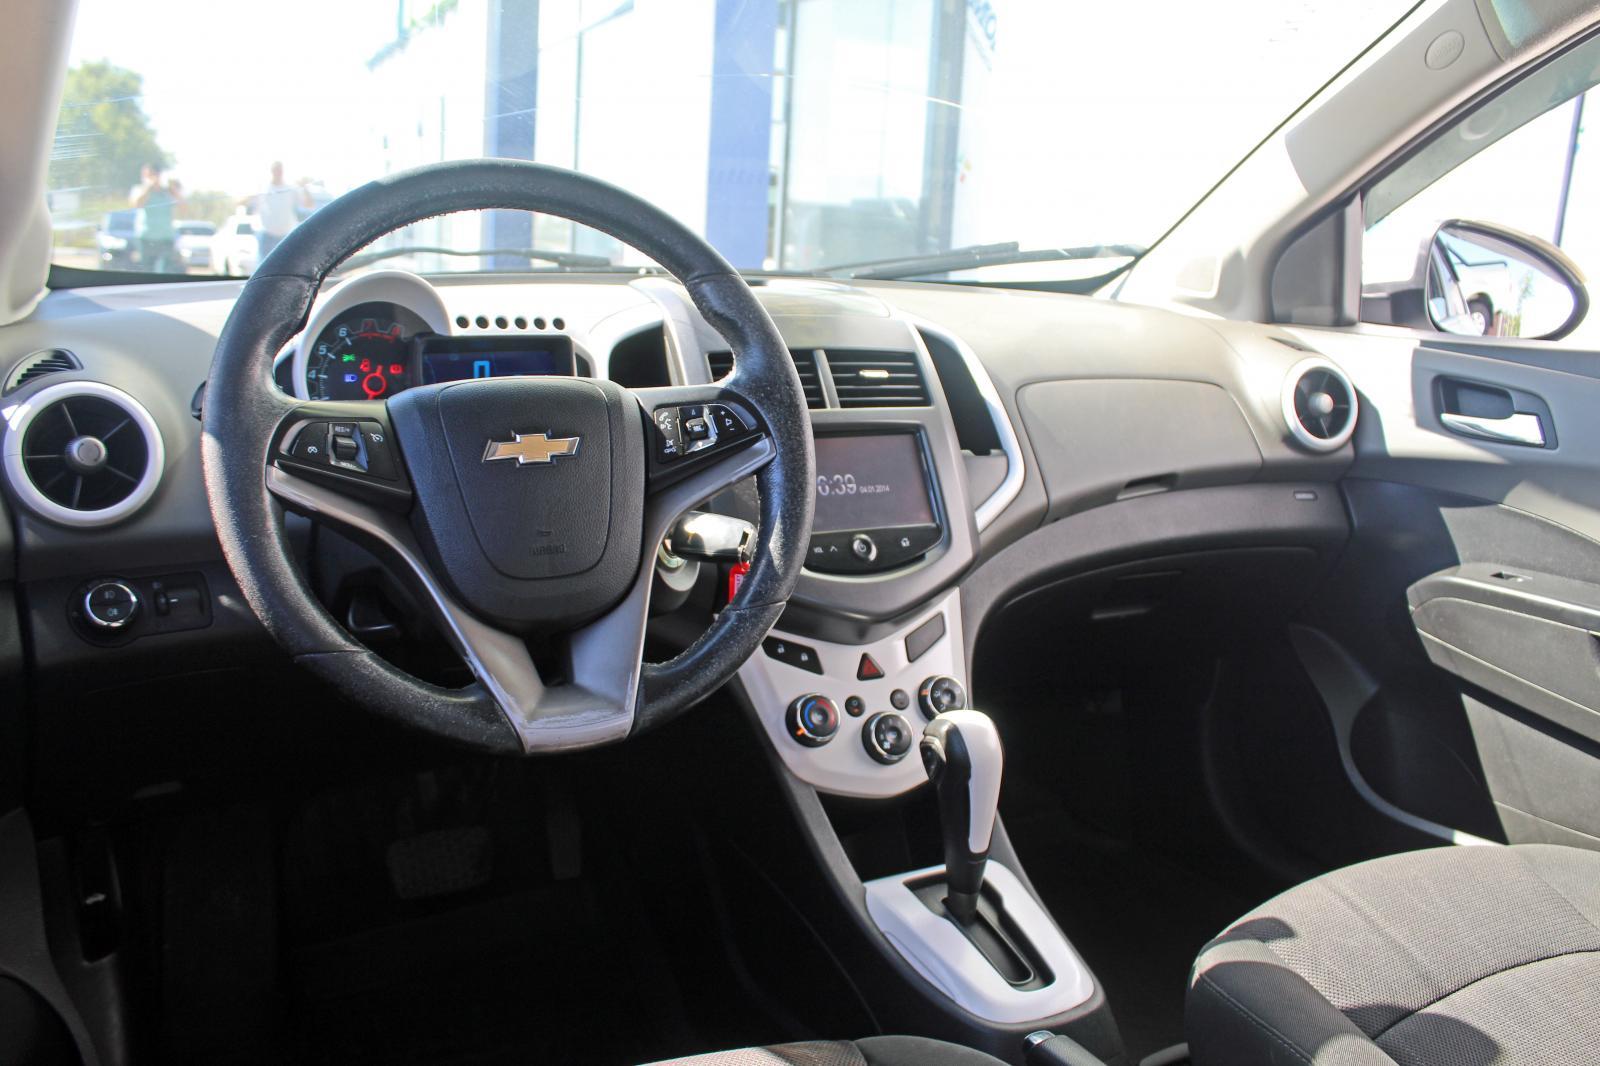 Chevrolet Aveo, II 2014г.